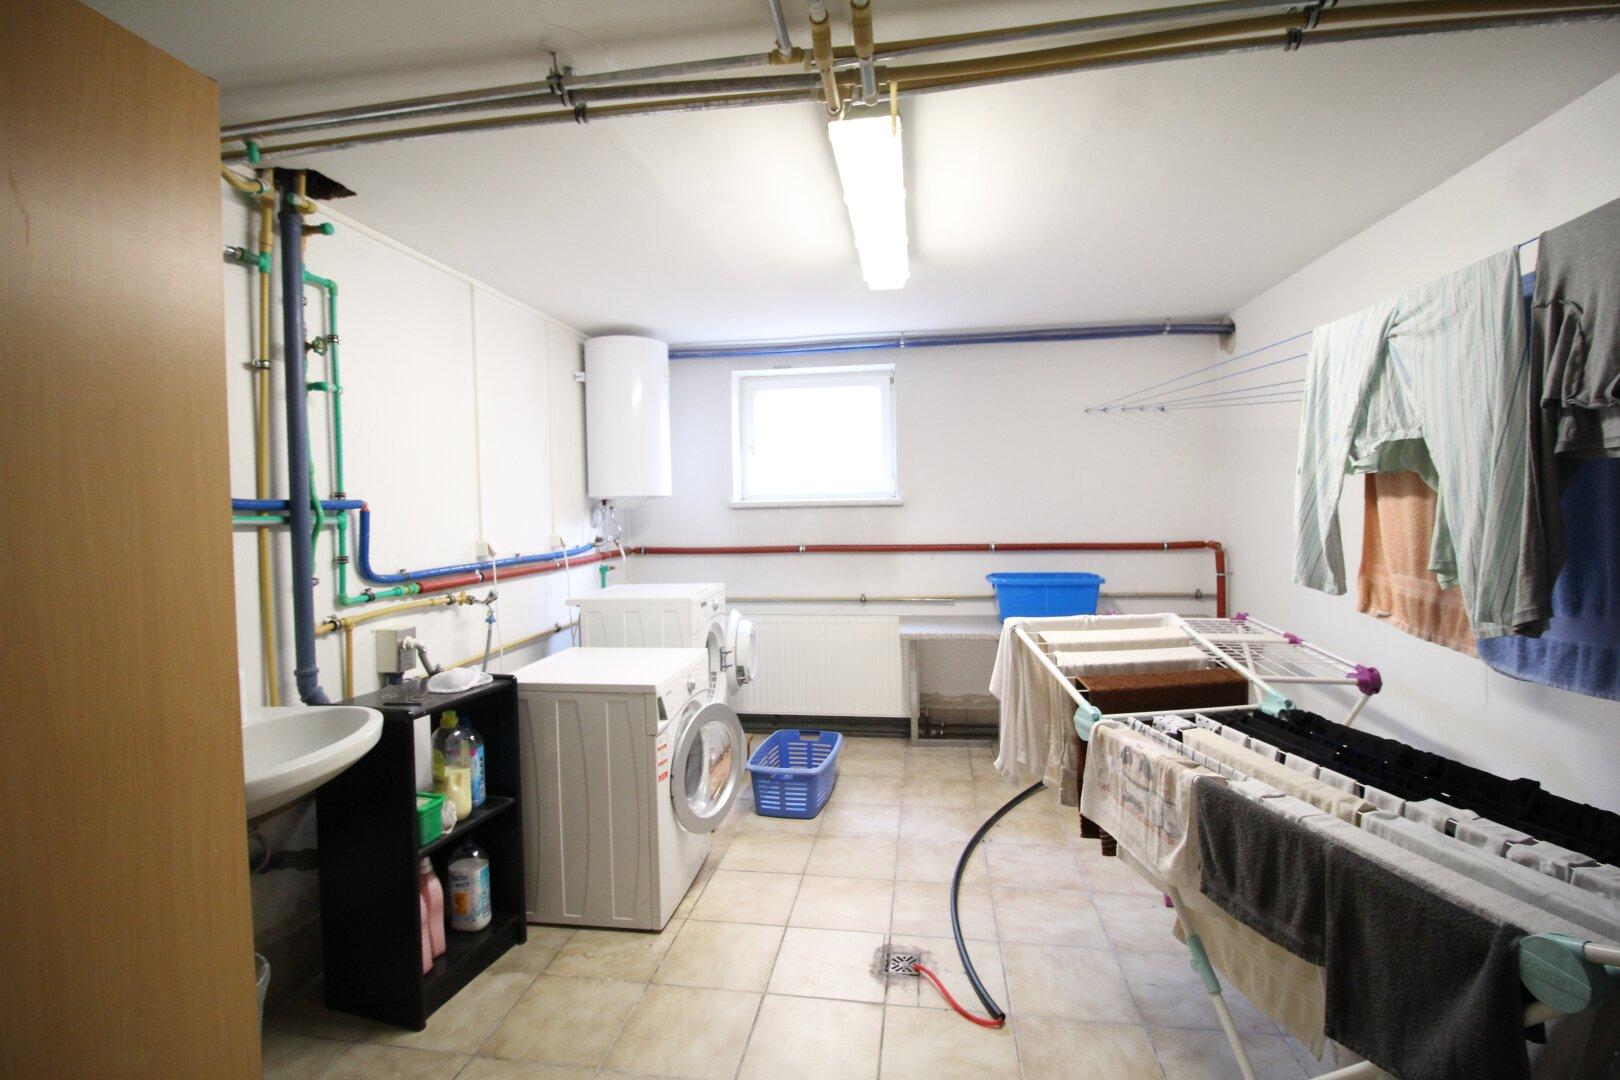 Waschküche im Souterrain